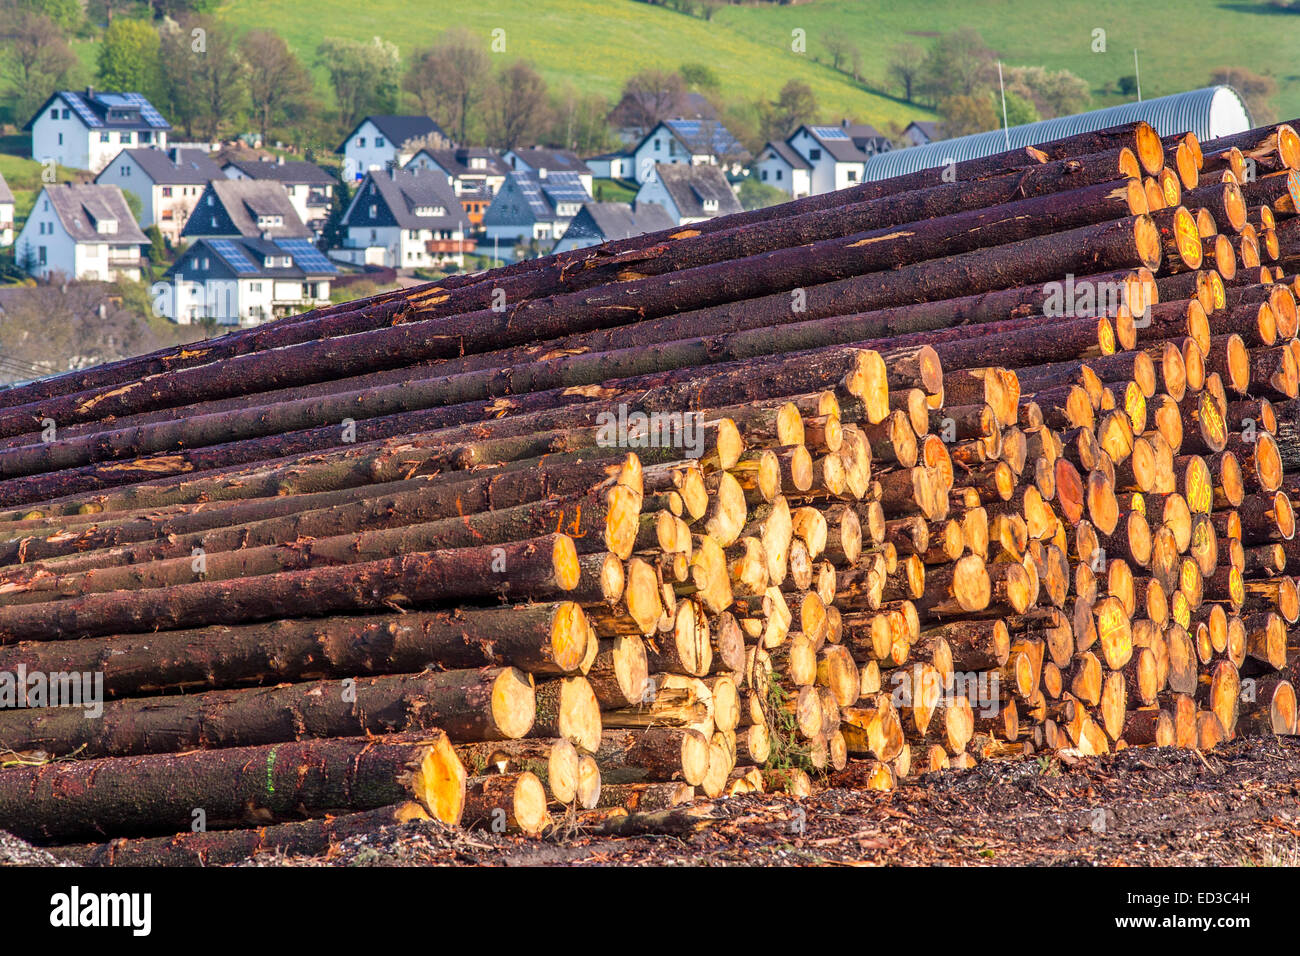 L'industrie forestière, fouetté, pins sont empilés et l'attente pour la suite du traitement, Photo Stock